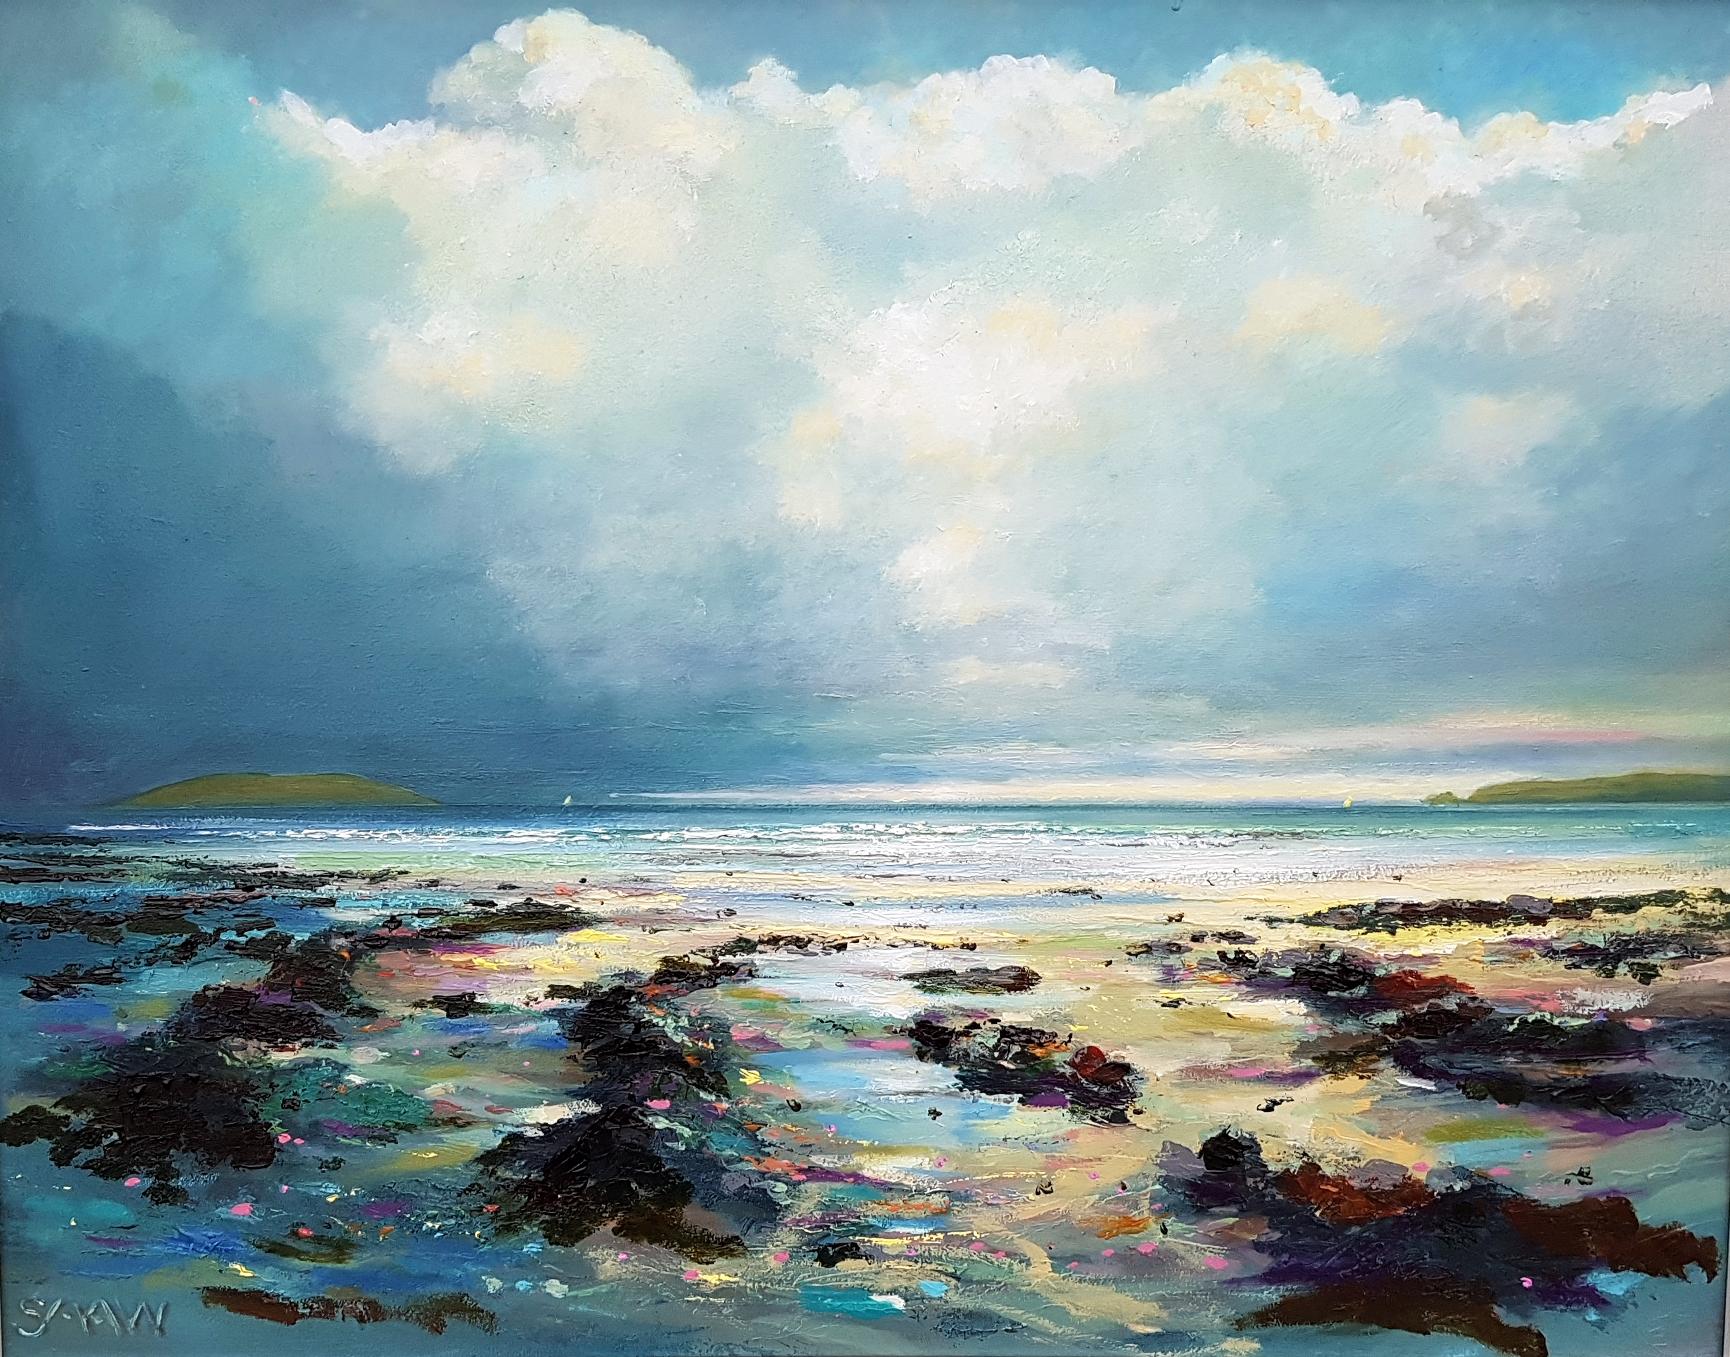 Rain at Lambay - Robert Shaw